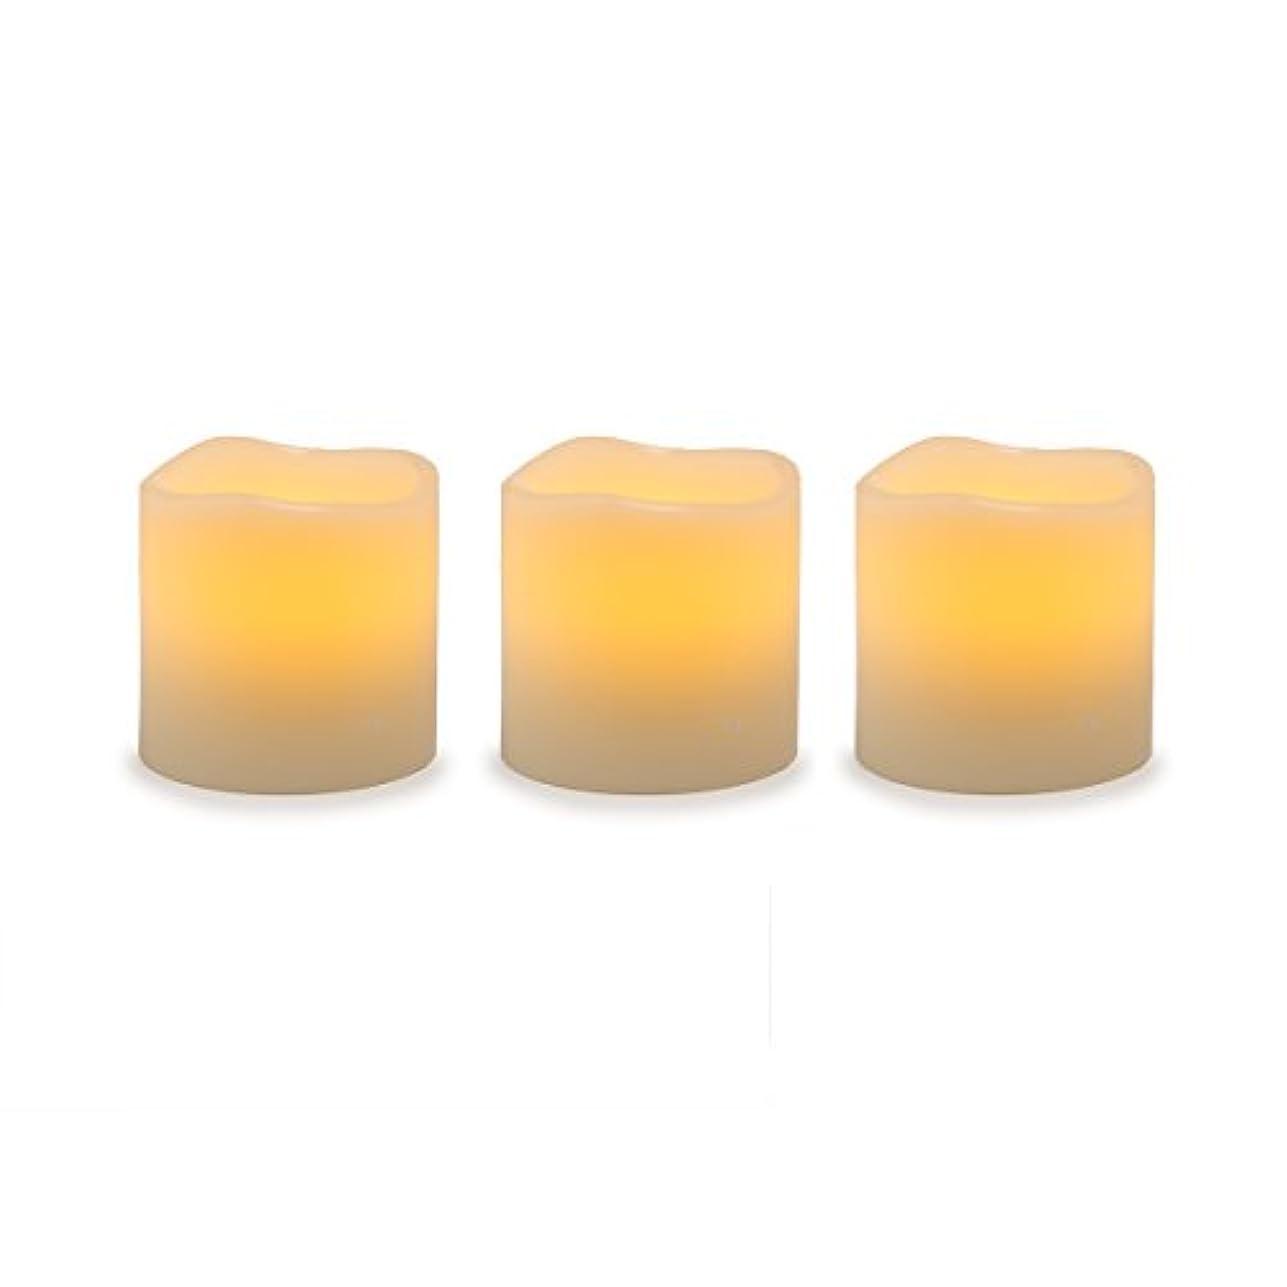 引っ張る寝てるマネージャーDarice電池式LED Pillar Candleセット、3ピース